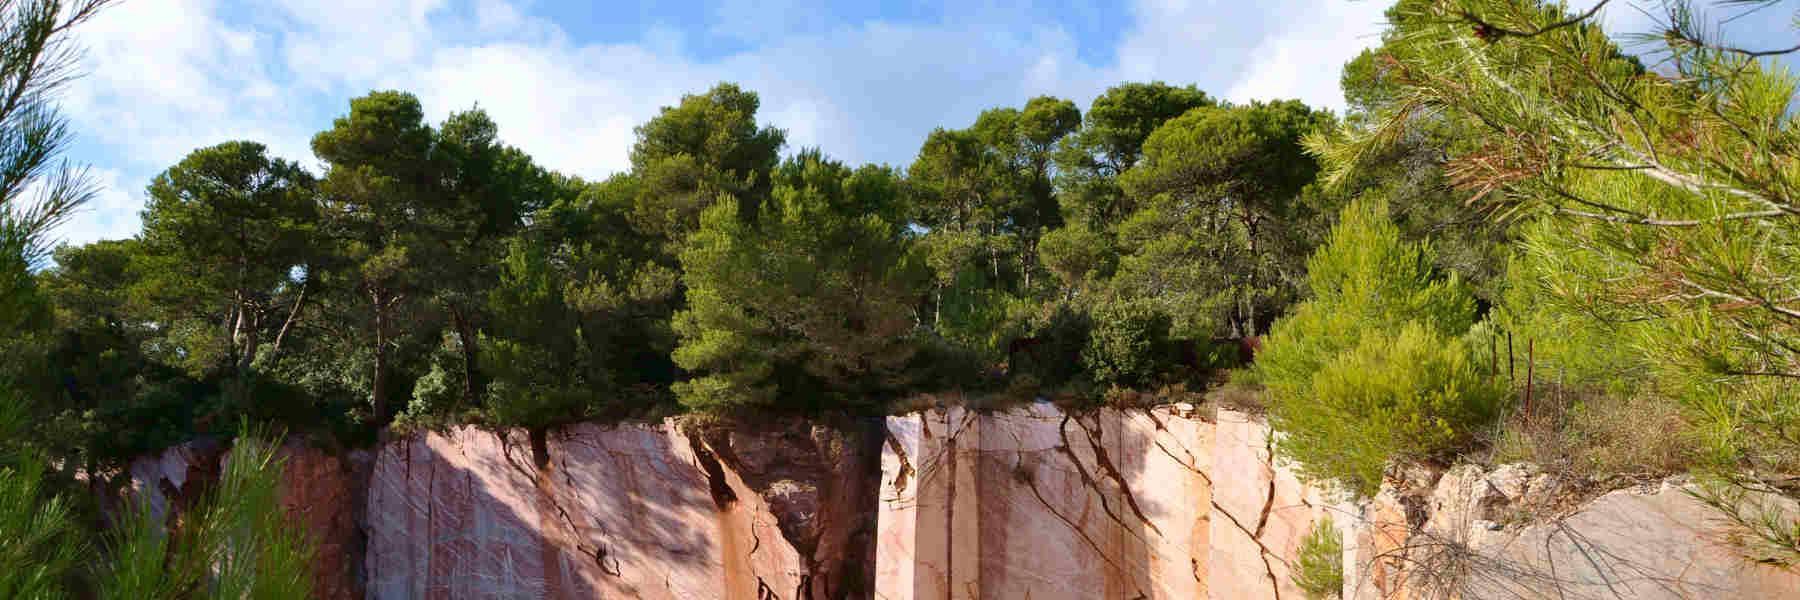 La randonnée pédestre à Caunes-Minervois